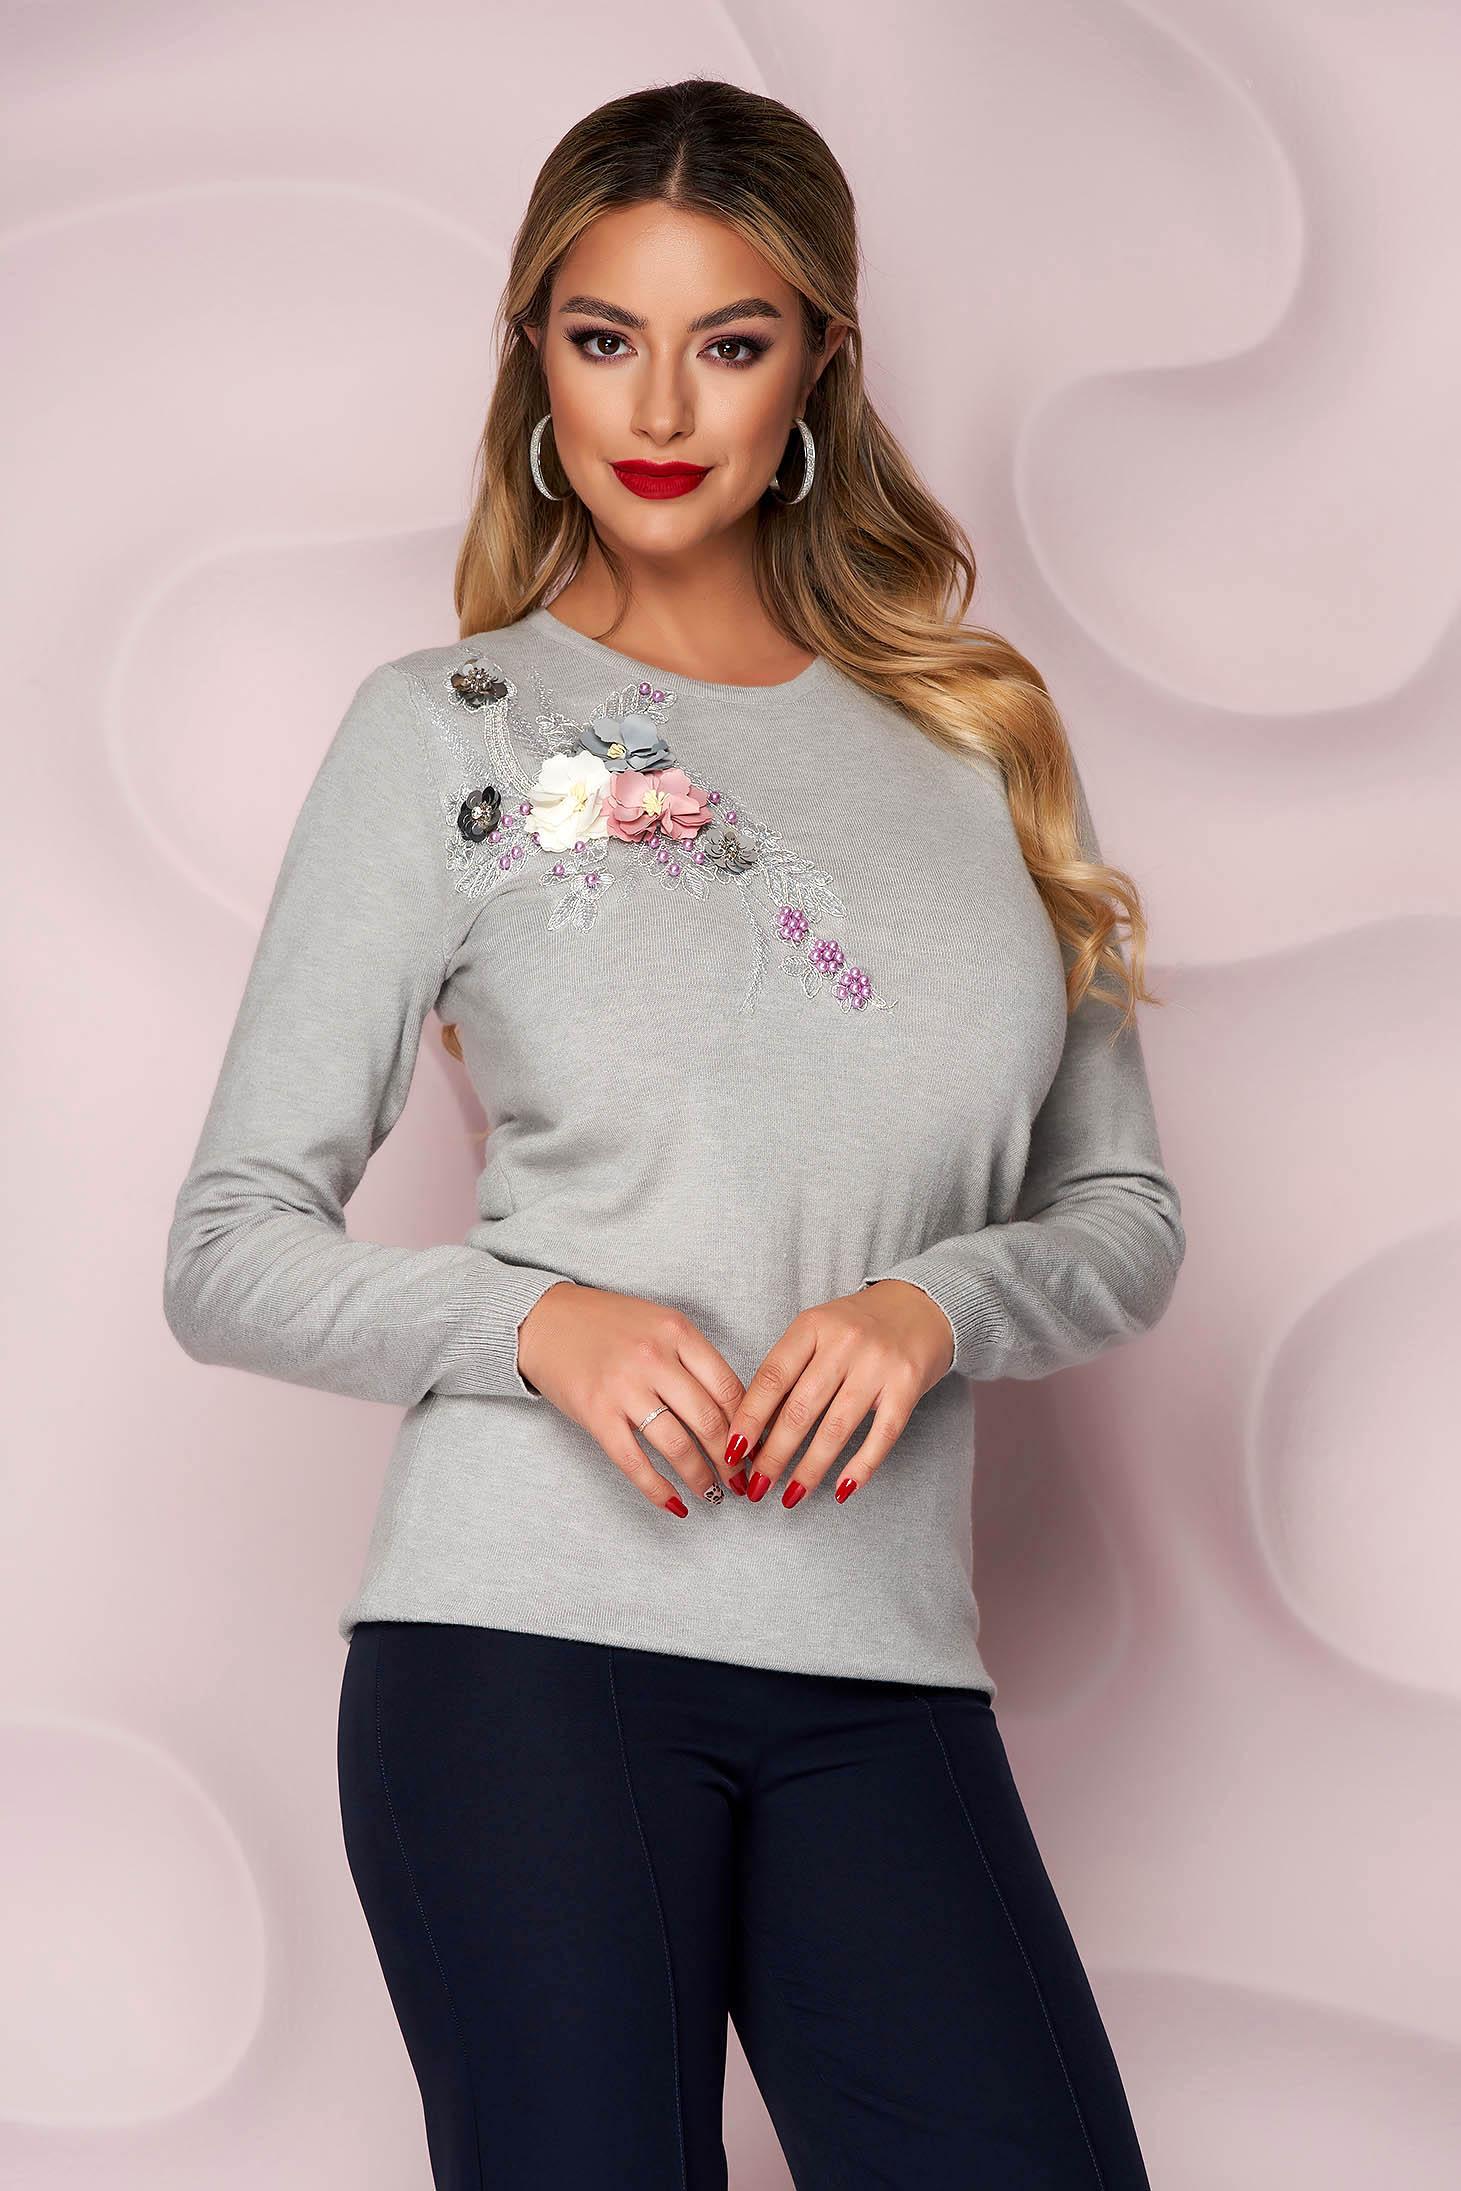 Bluza dama Lady Pandora gri tricotata cu croi lejer si flori in relief cu efect 3d